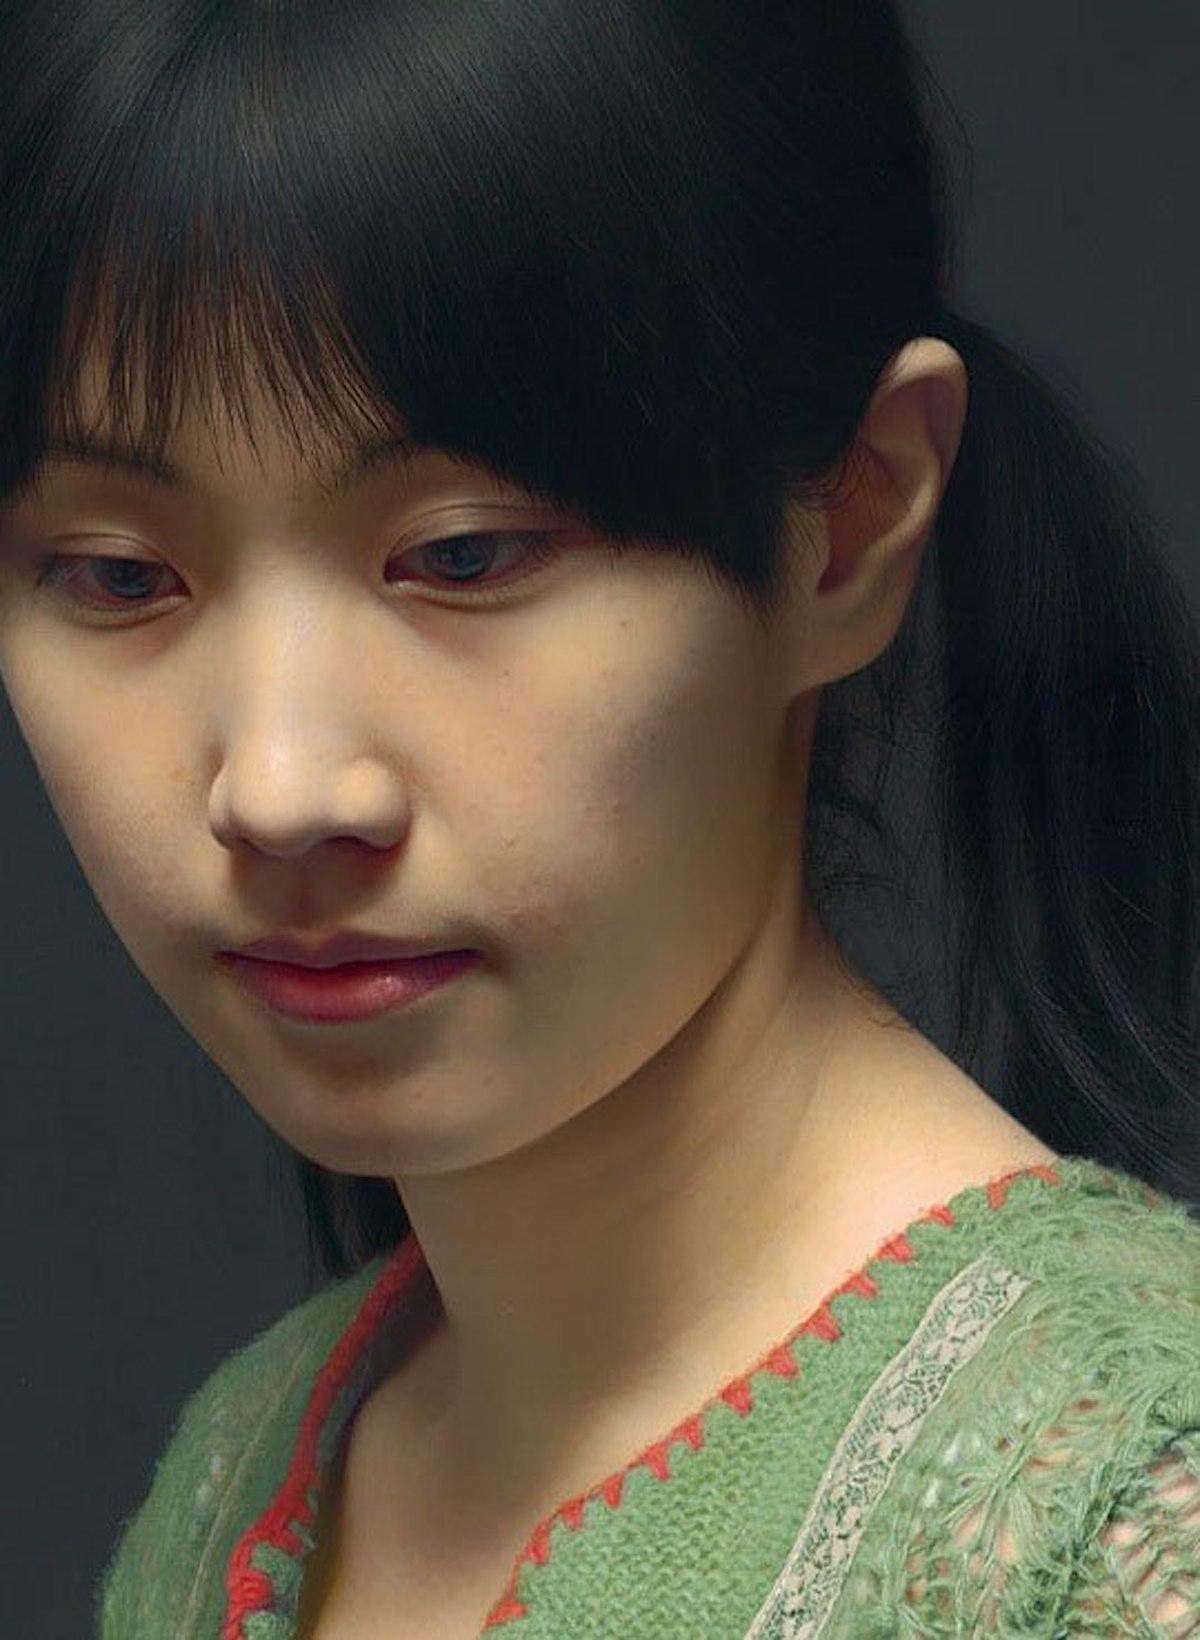 3-Leng-Jun-Peintures-ultra-réalistes-1.jpg